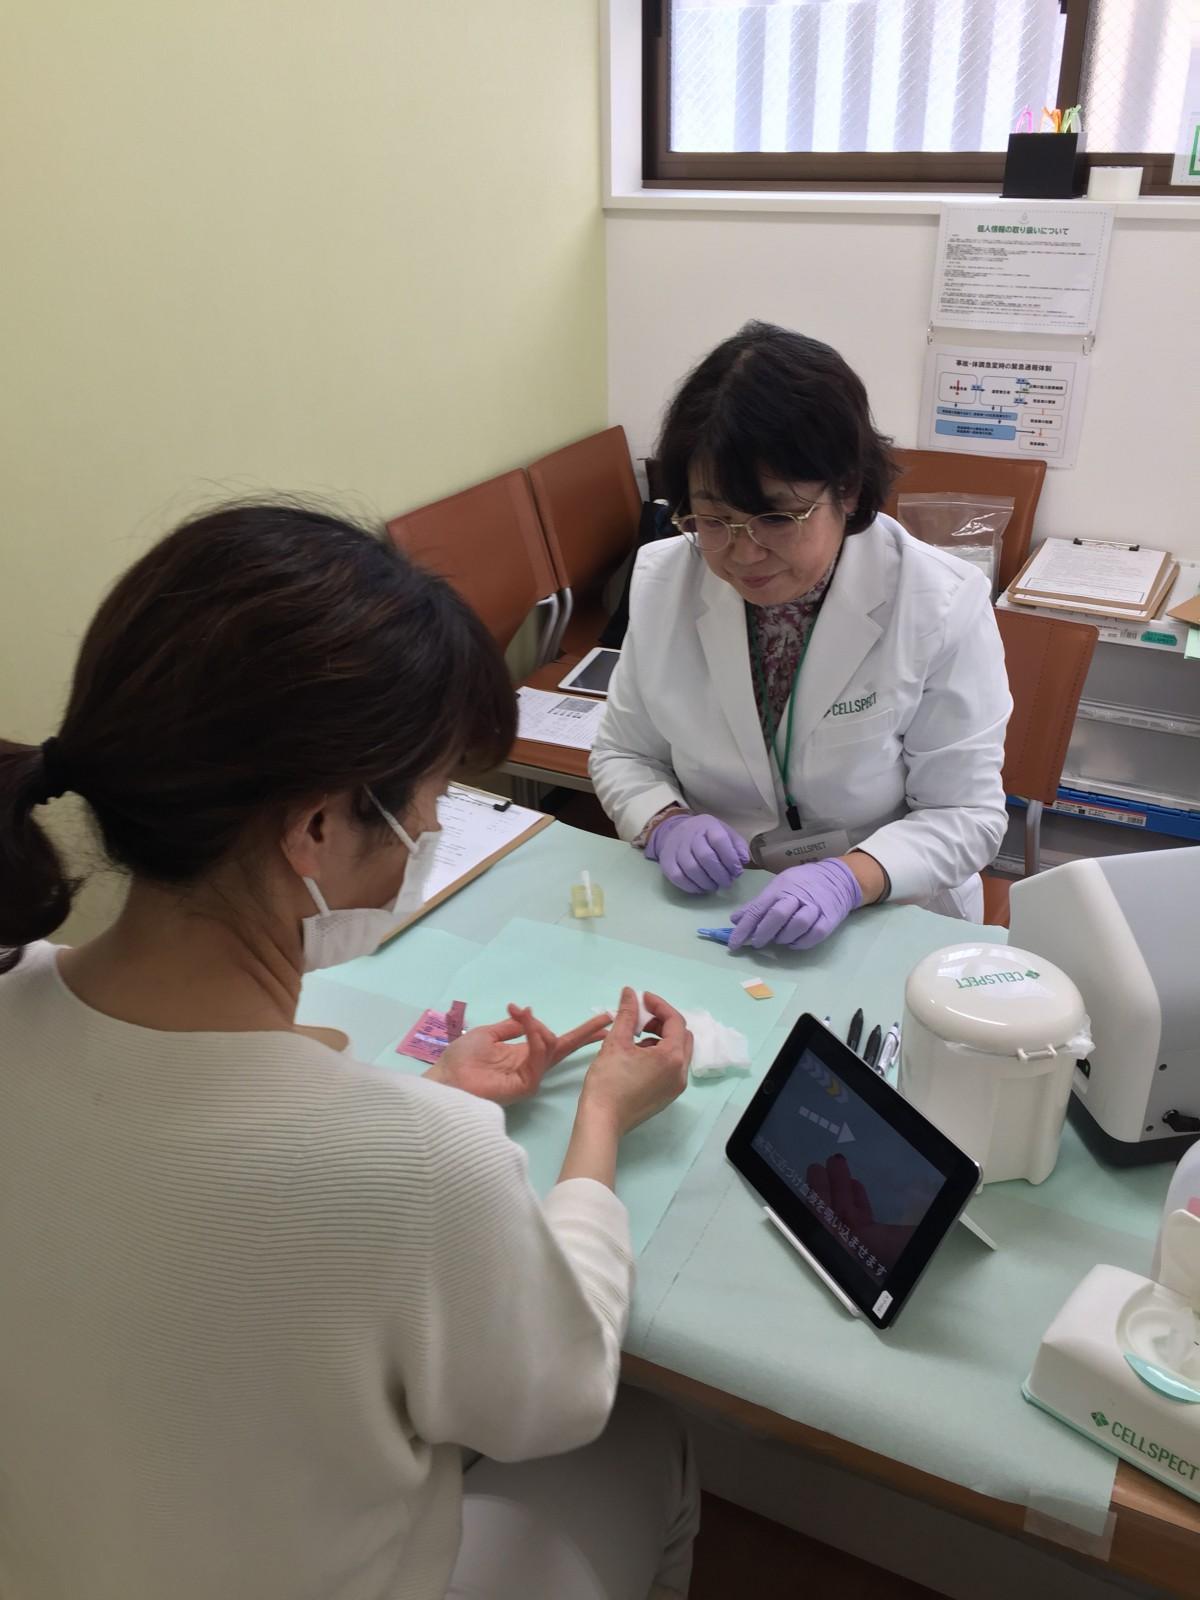 無料健康チェック(血液検査)のお知らせ